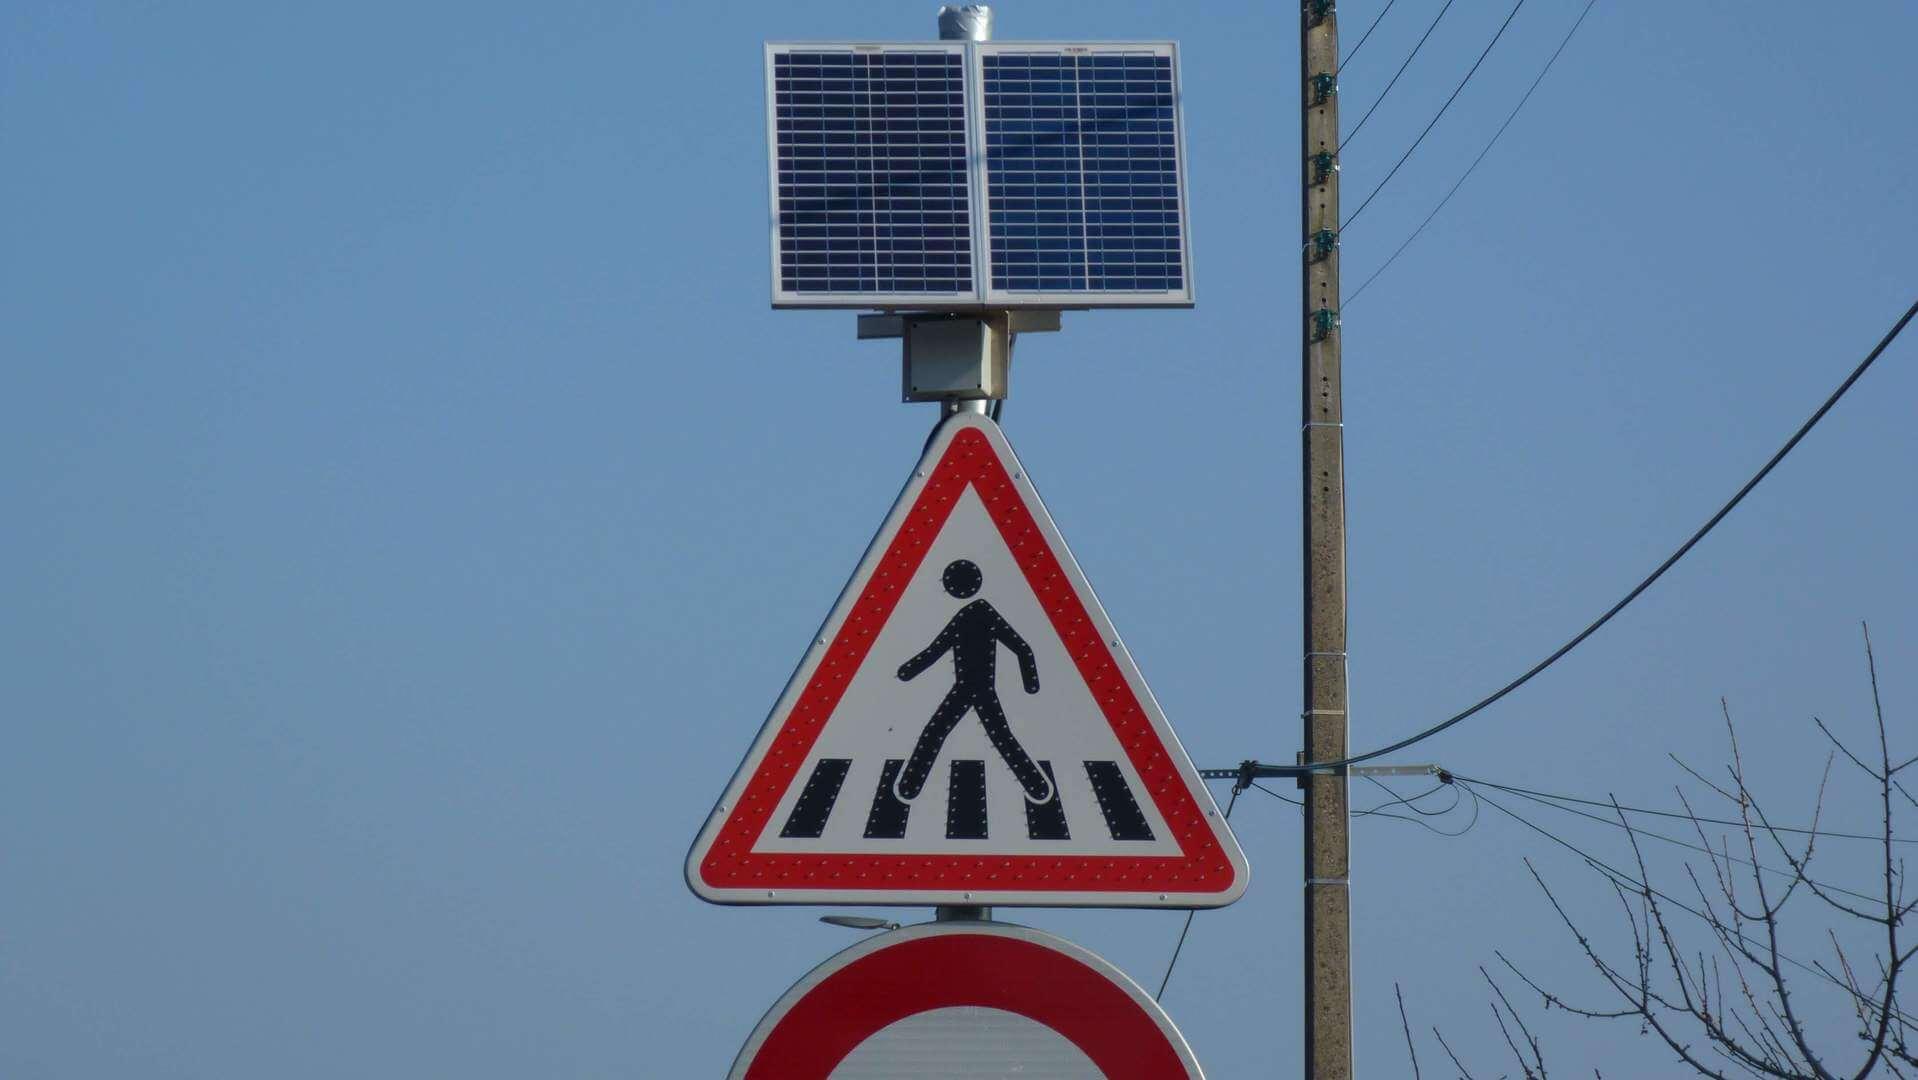 signalisation verticale